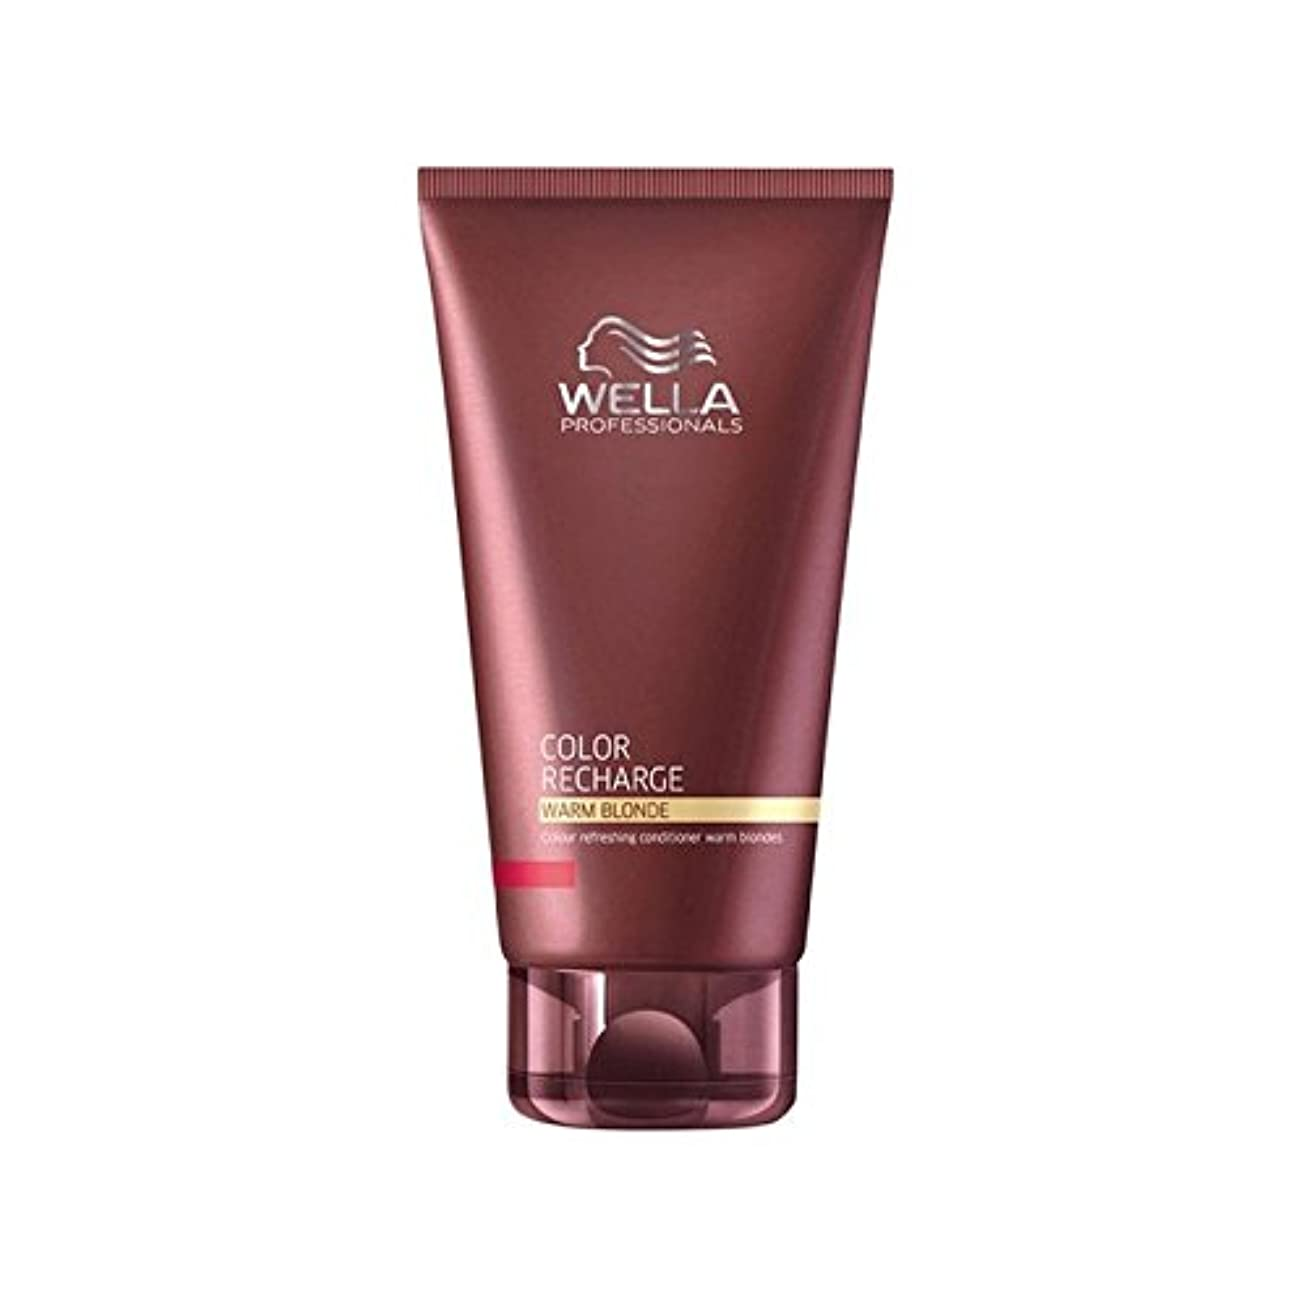 何故なの従来の称賛ウエラ専門家のカラー再充電コンディショナー暖かいブロンド(200ミリリットル) x2 - Wella Professionals Color Recharge Conditioner Warm Blonde (200ml...